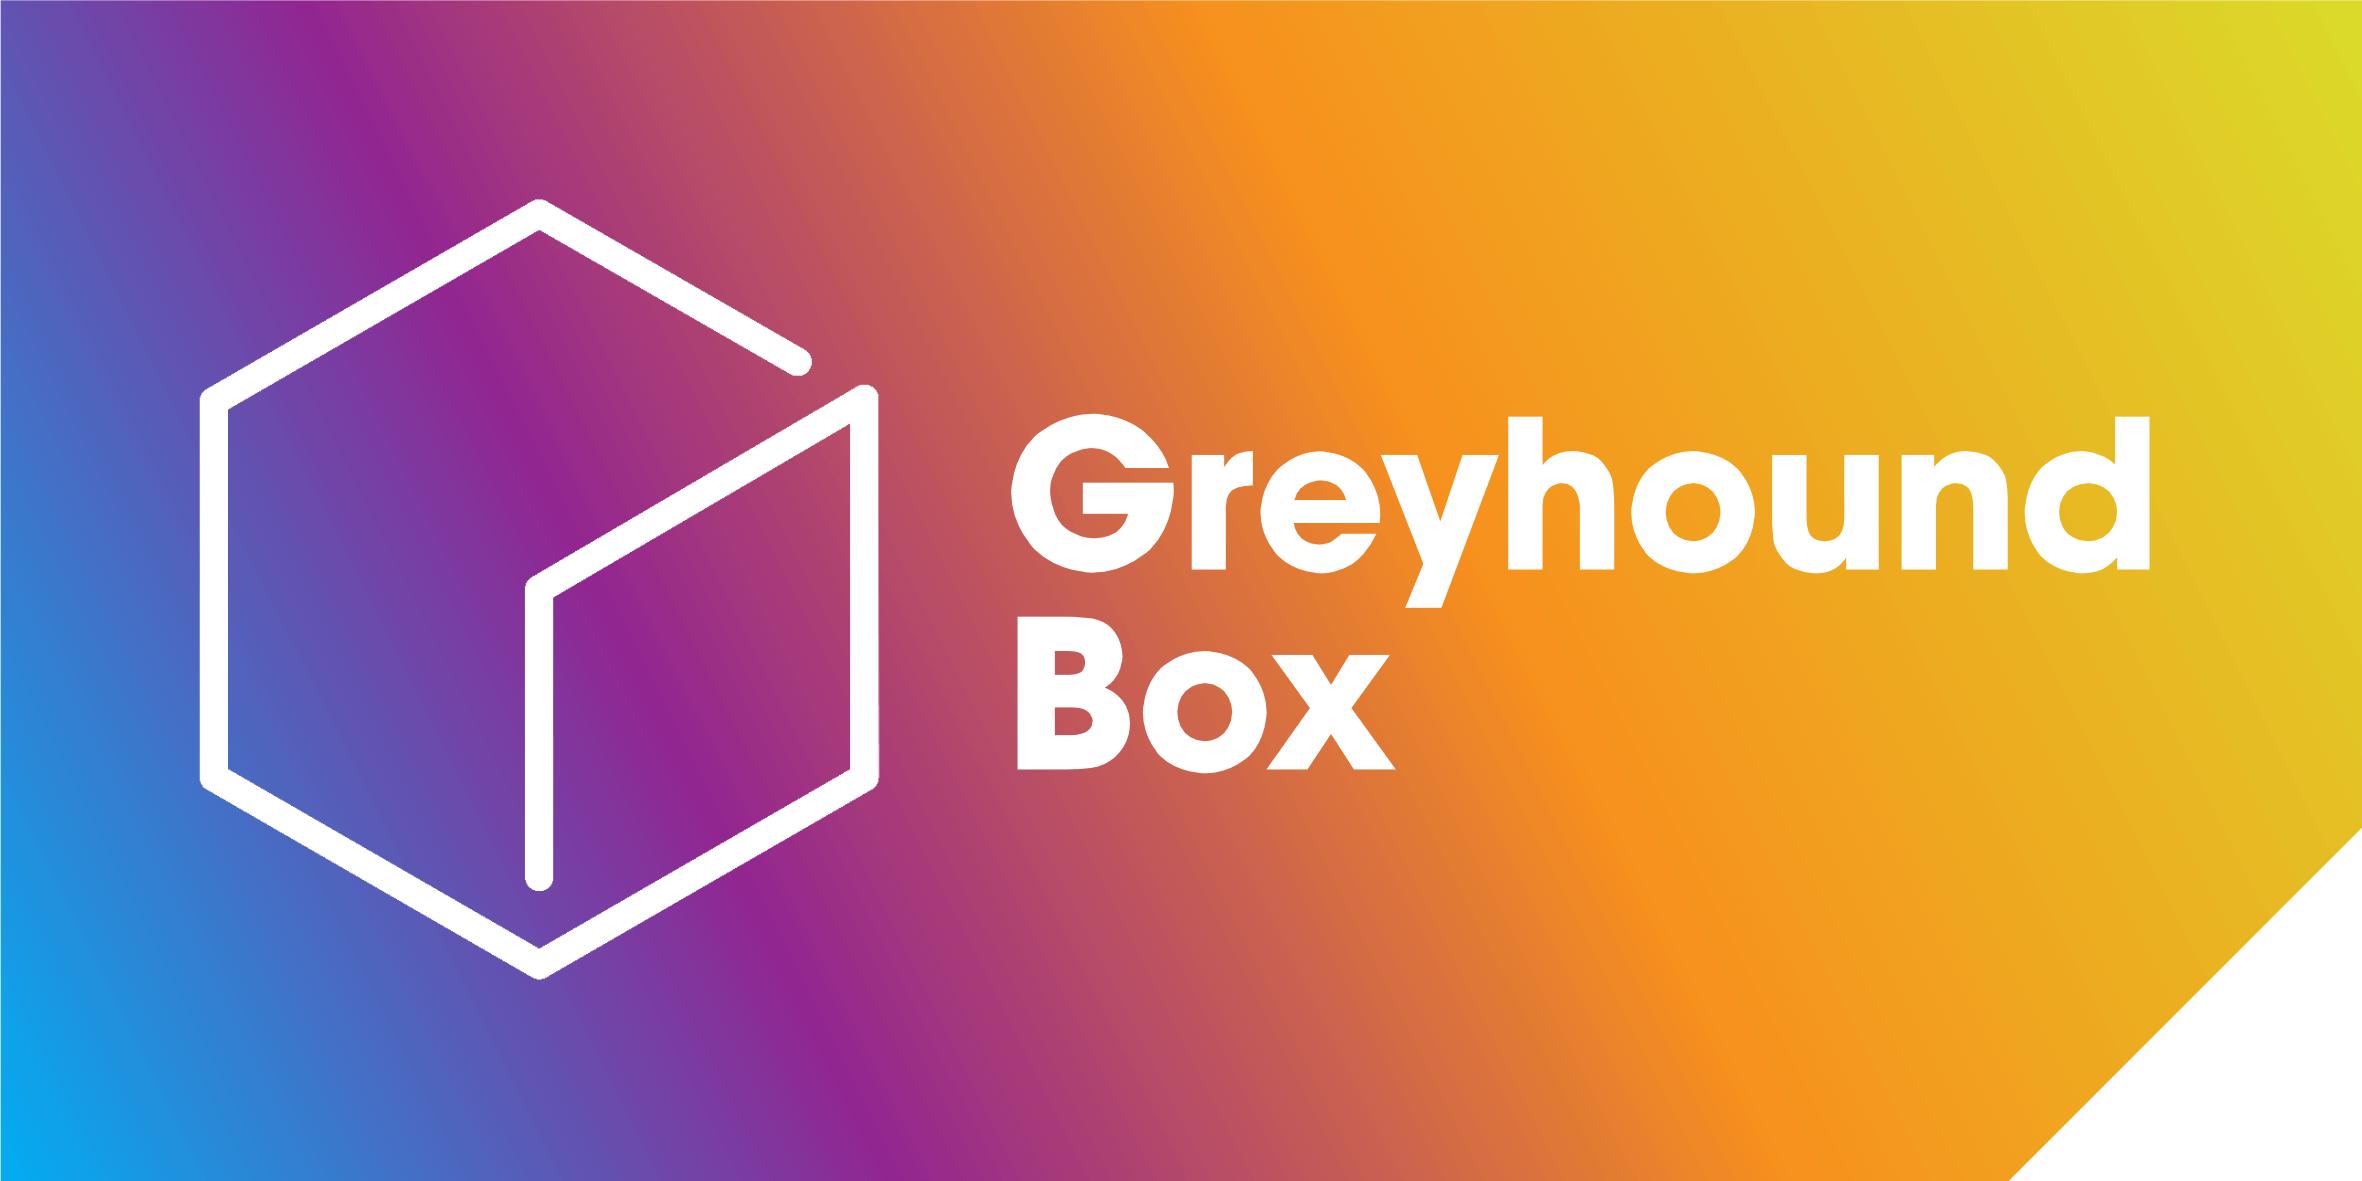 Greyhound Box logo